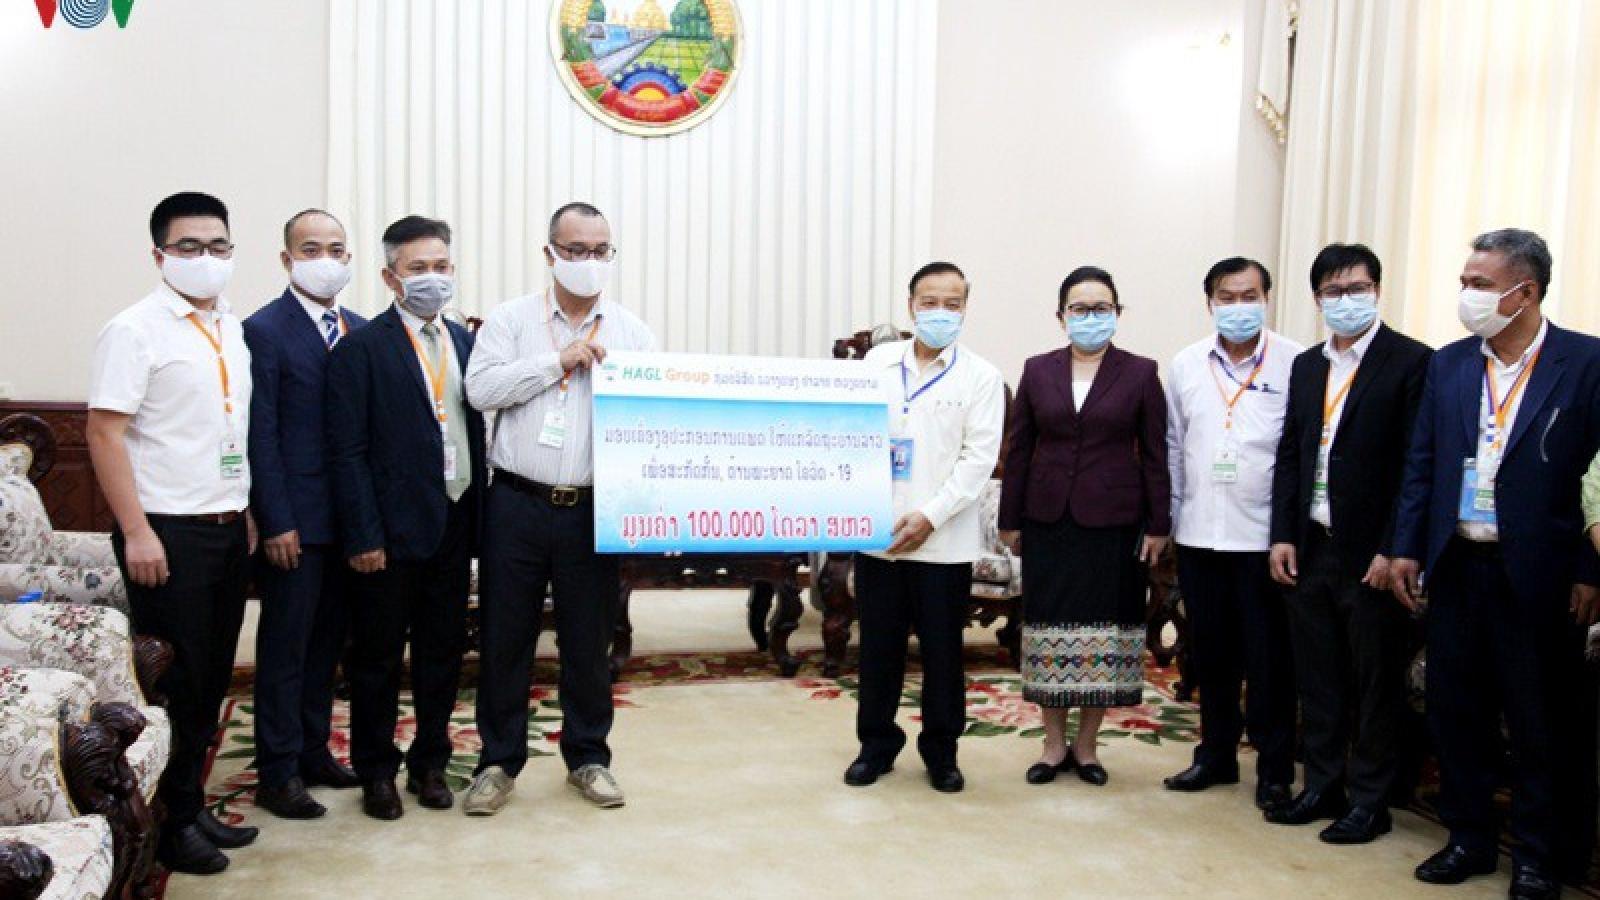 Doanh nghiệp Việt Nam hỗ trợ Lào 100.000 USD chống dịch Covid-19